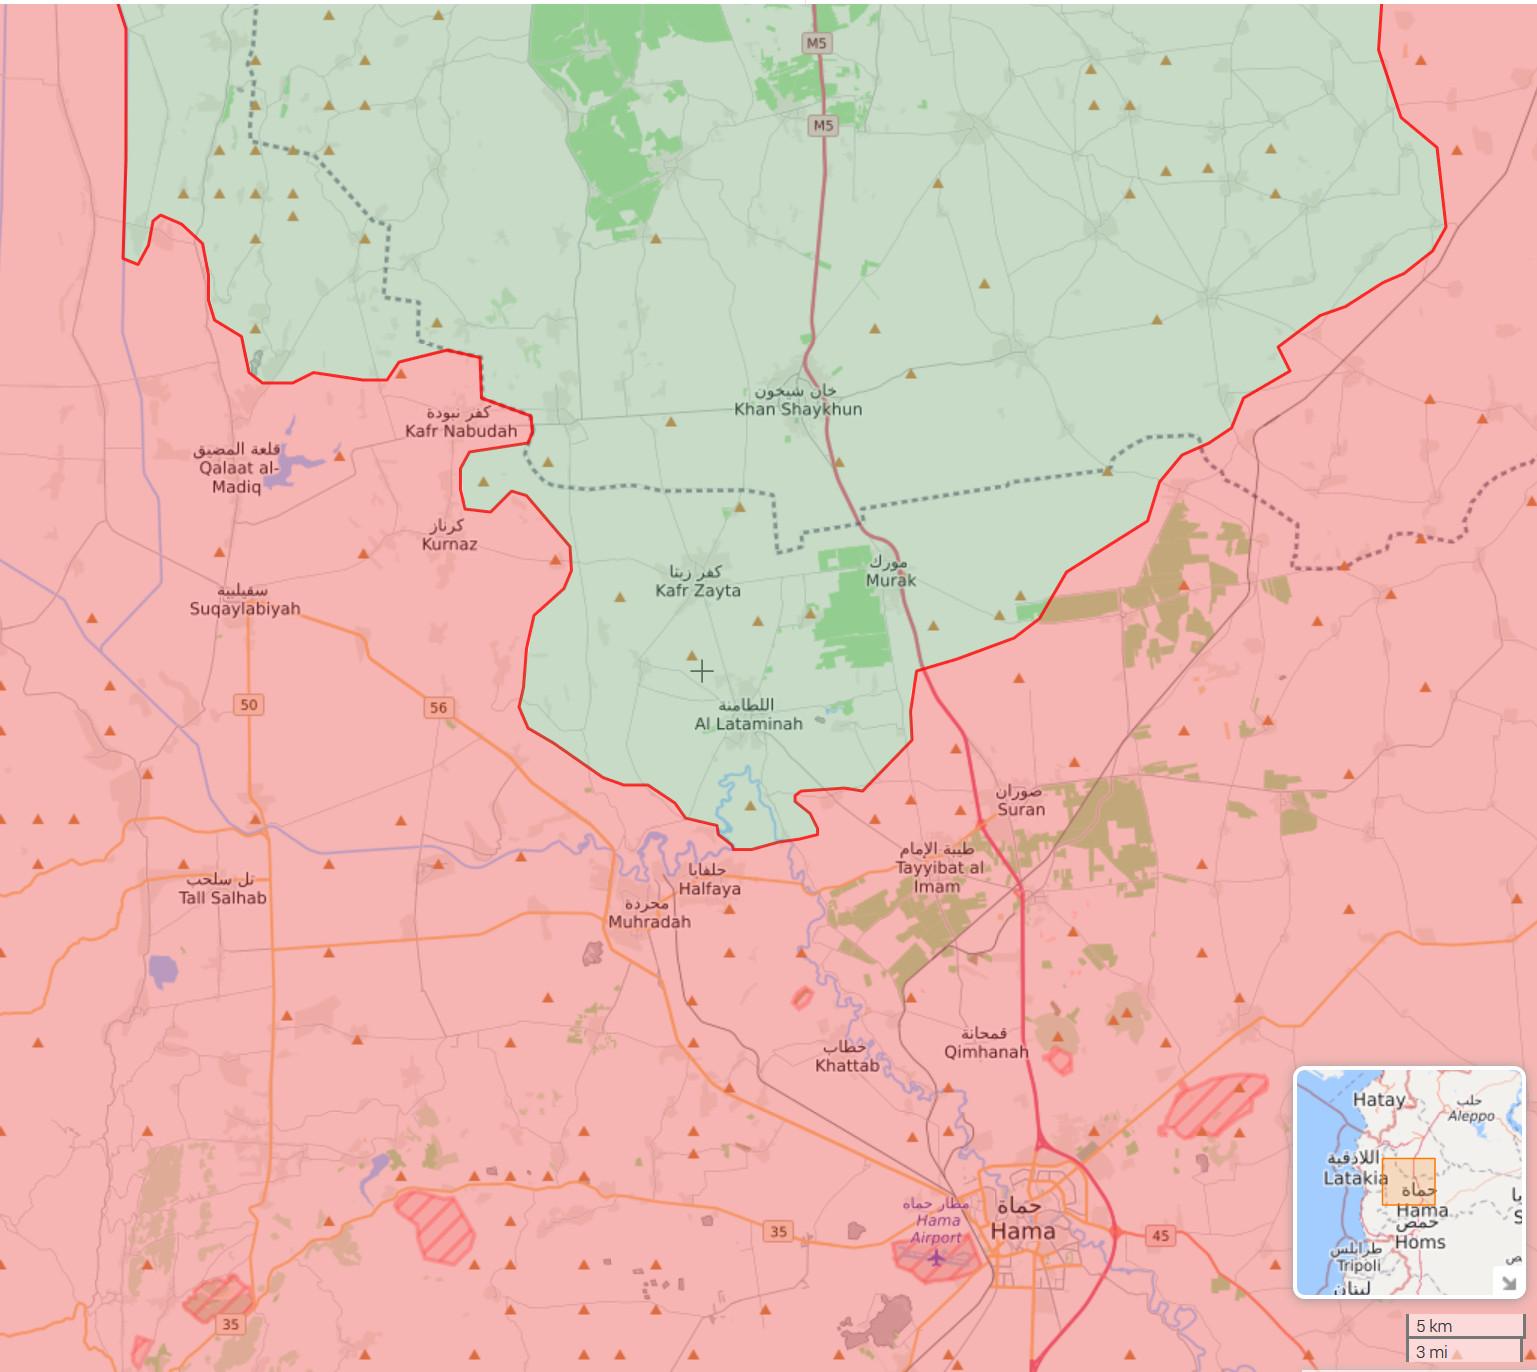 North Hama Front - May 15 2019